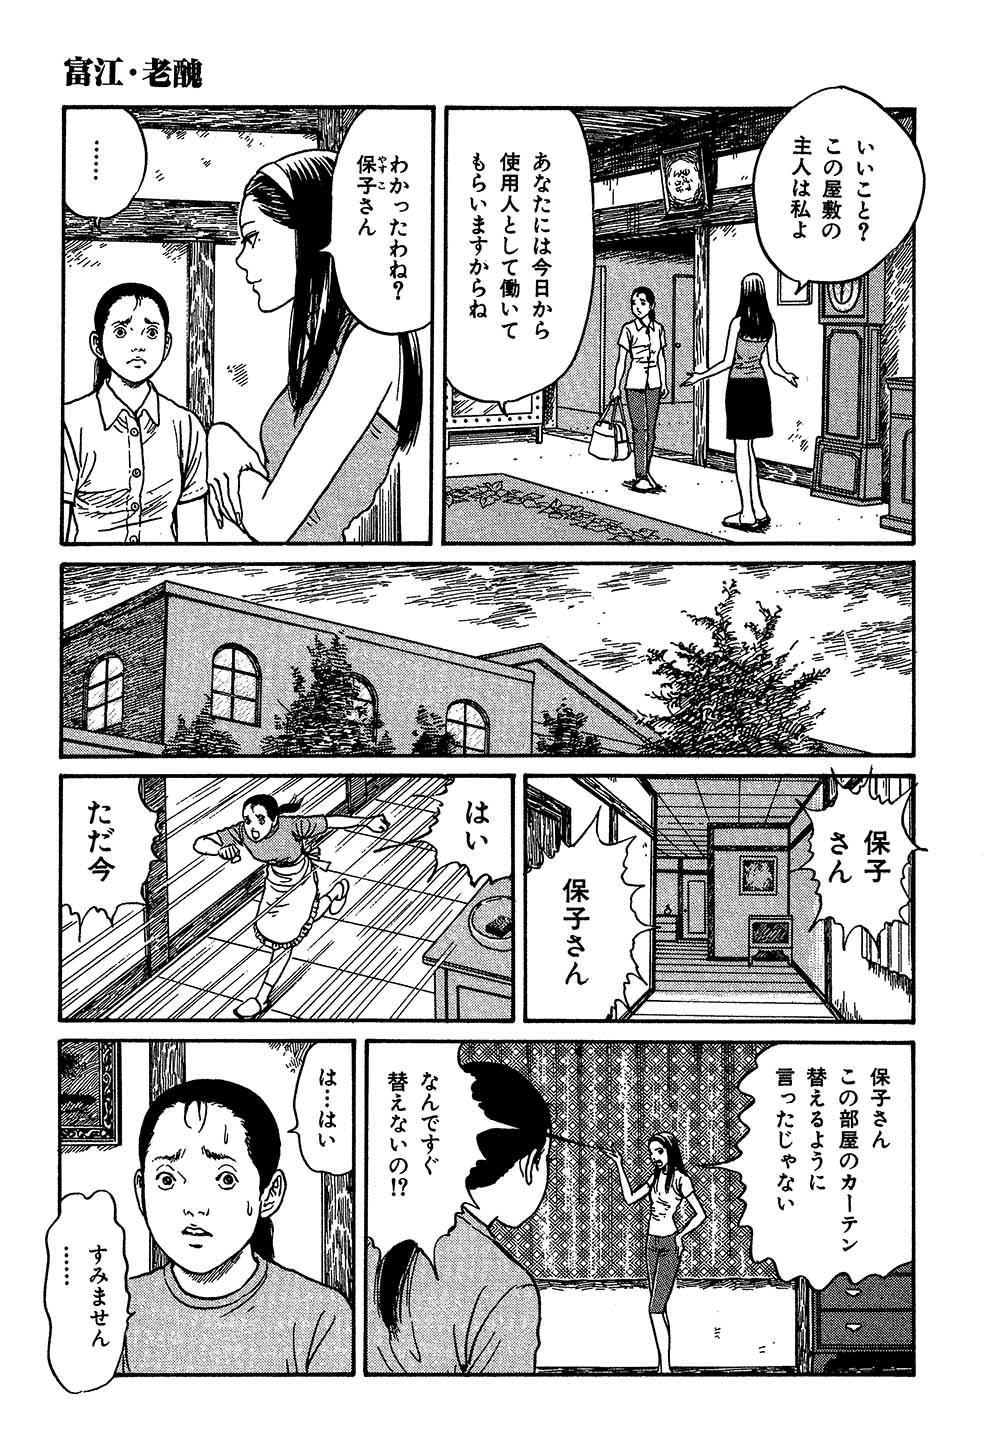 itouj_0002_0361.jpg